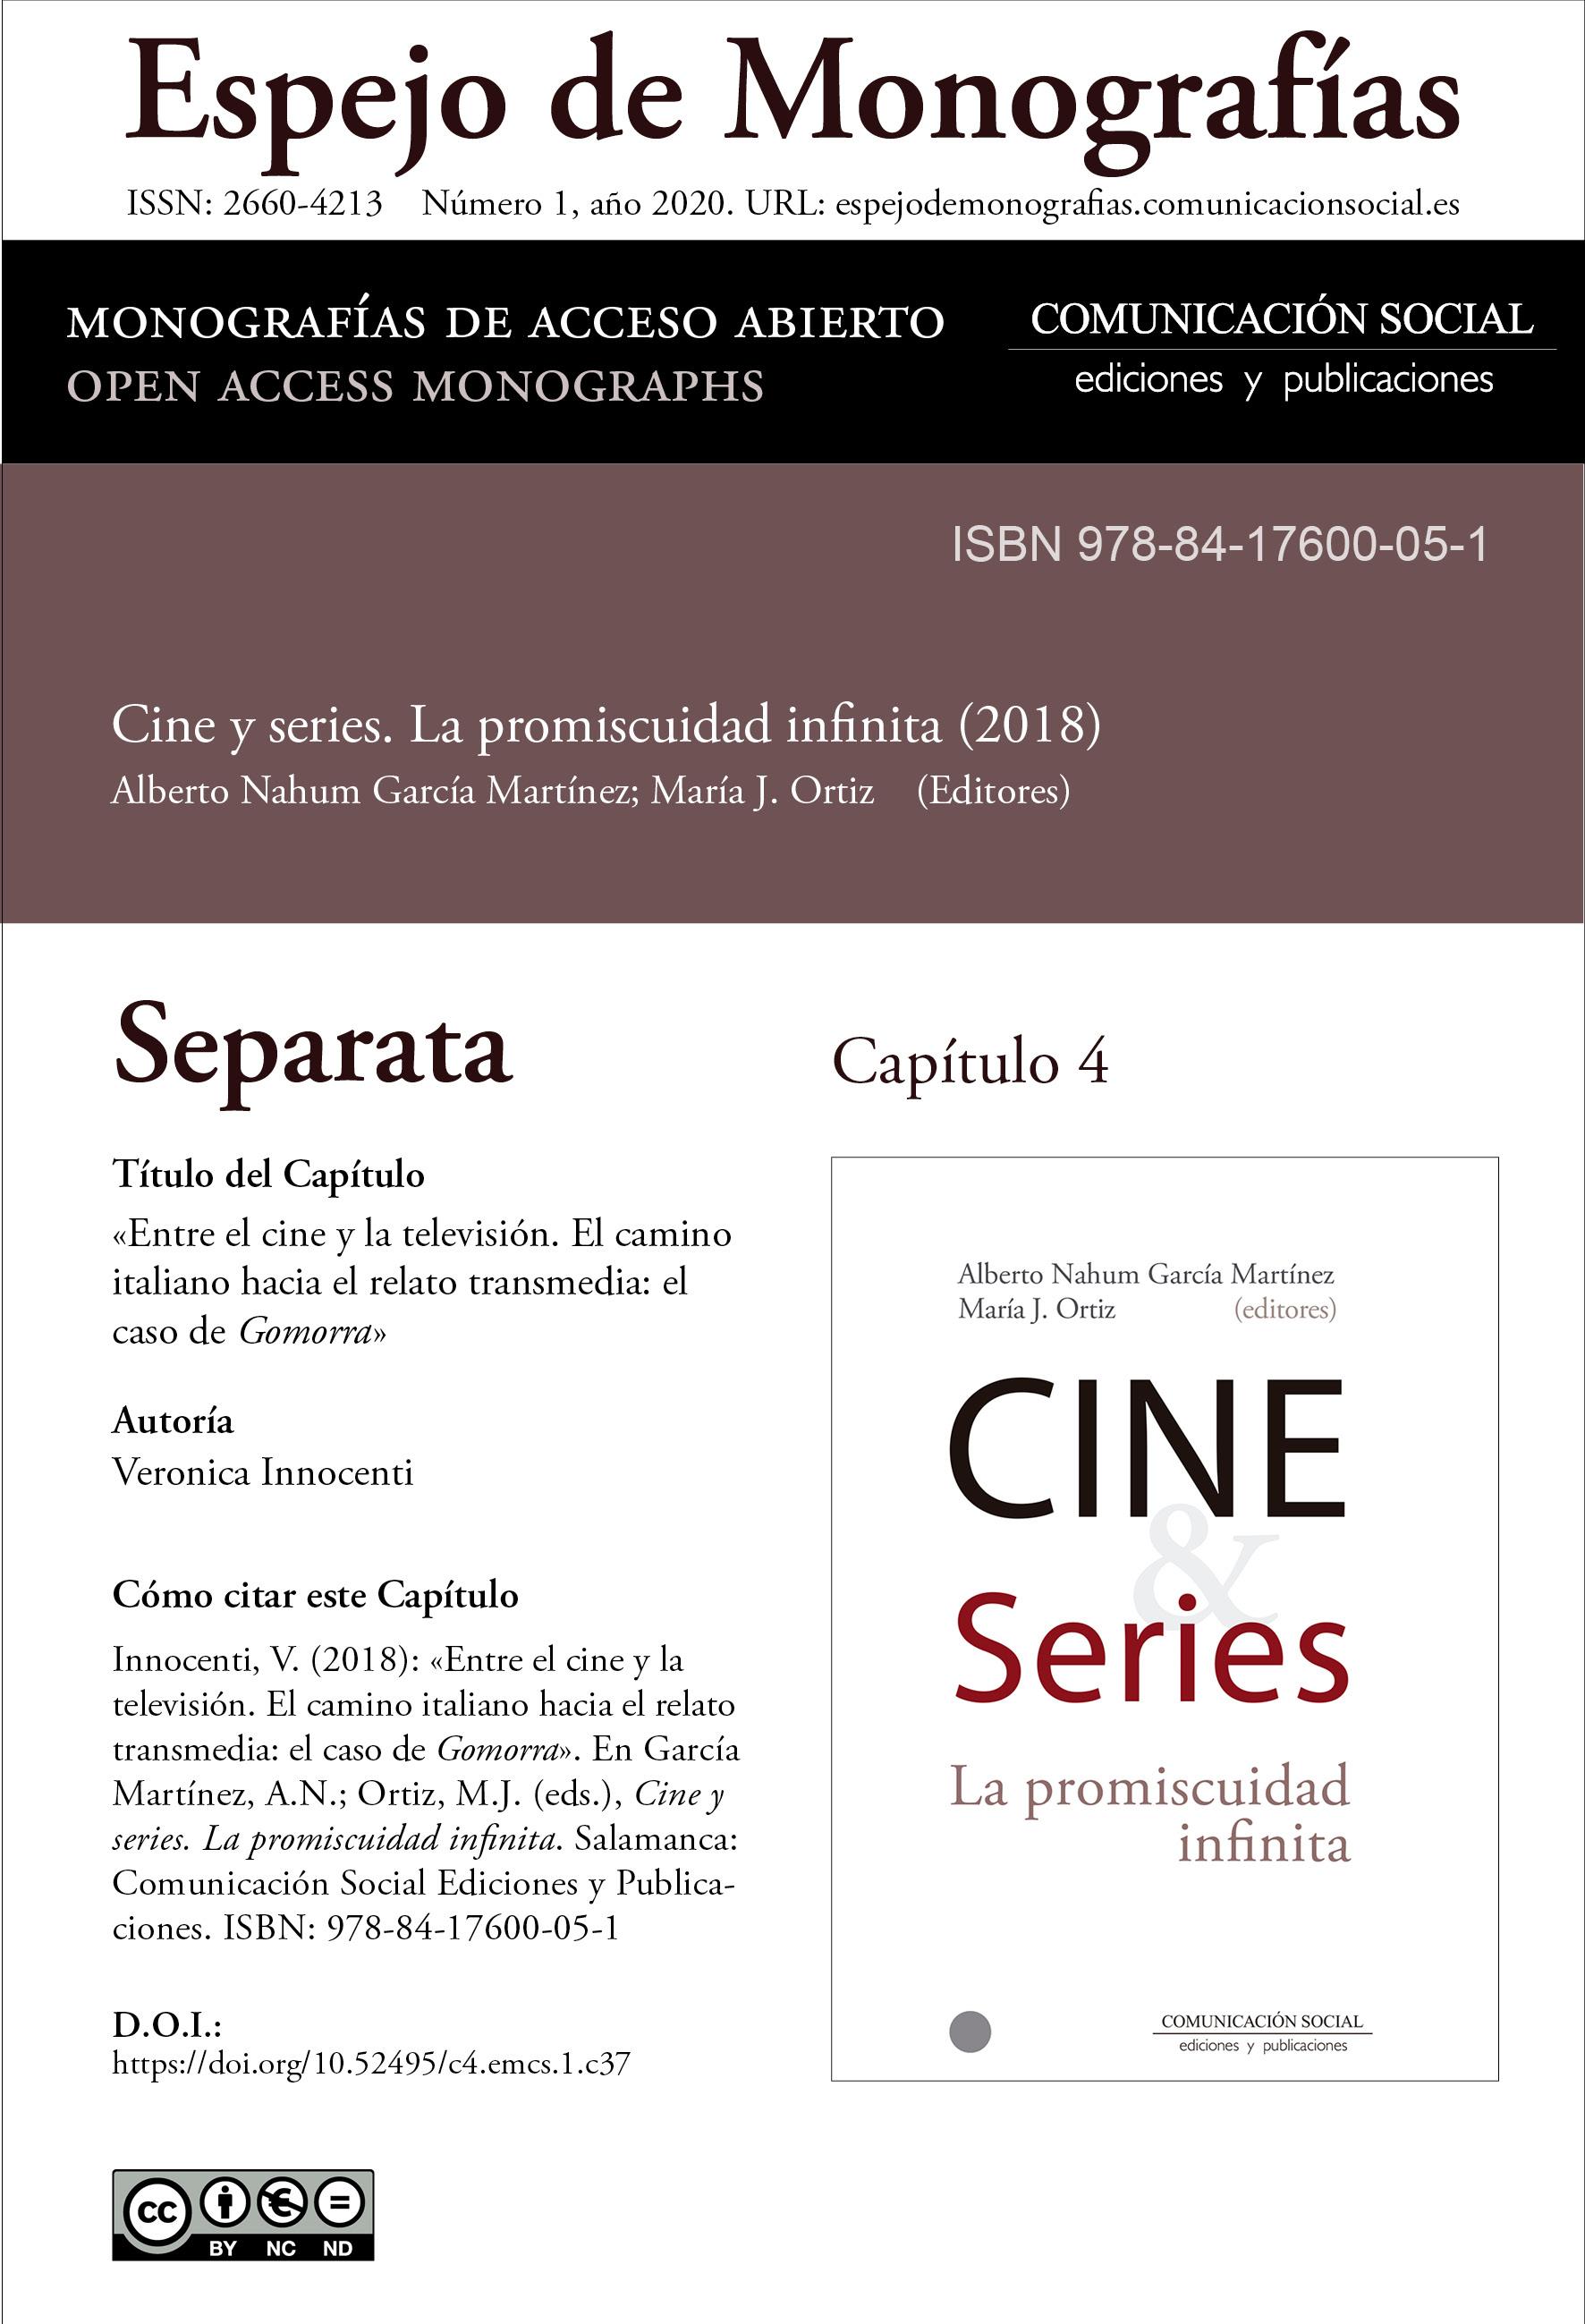 Separata del Capítulo 4 correspondiente a la monografía Cine y series: la promiscuidad infinita